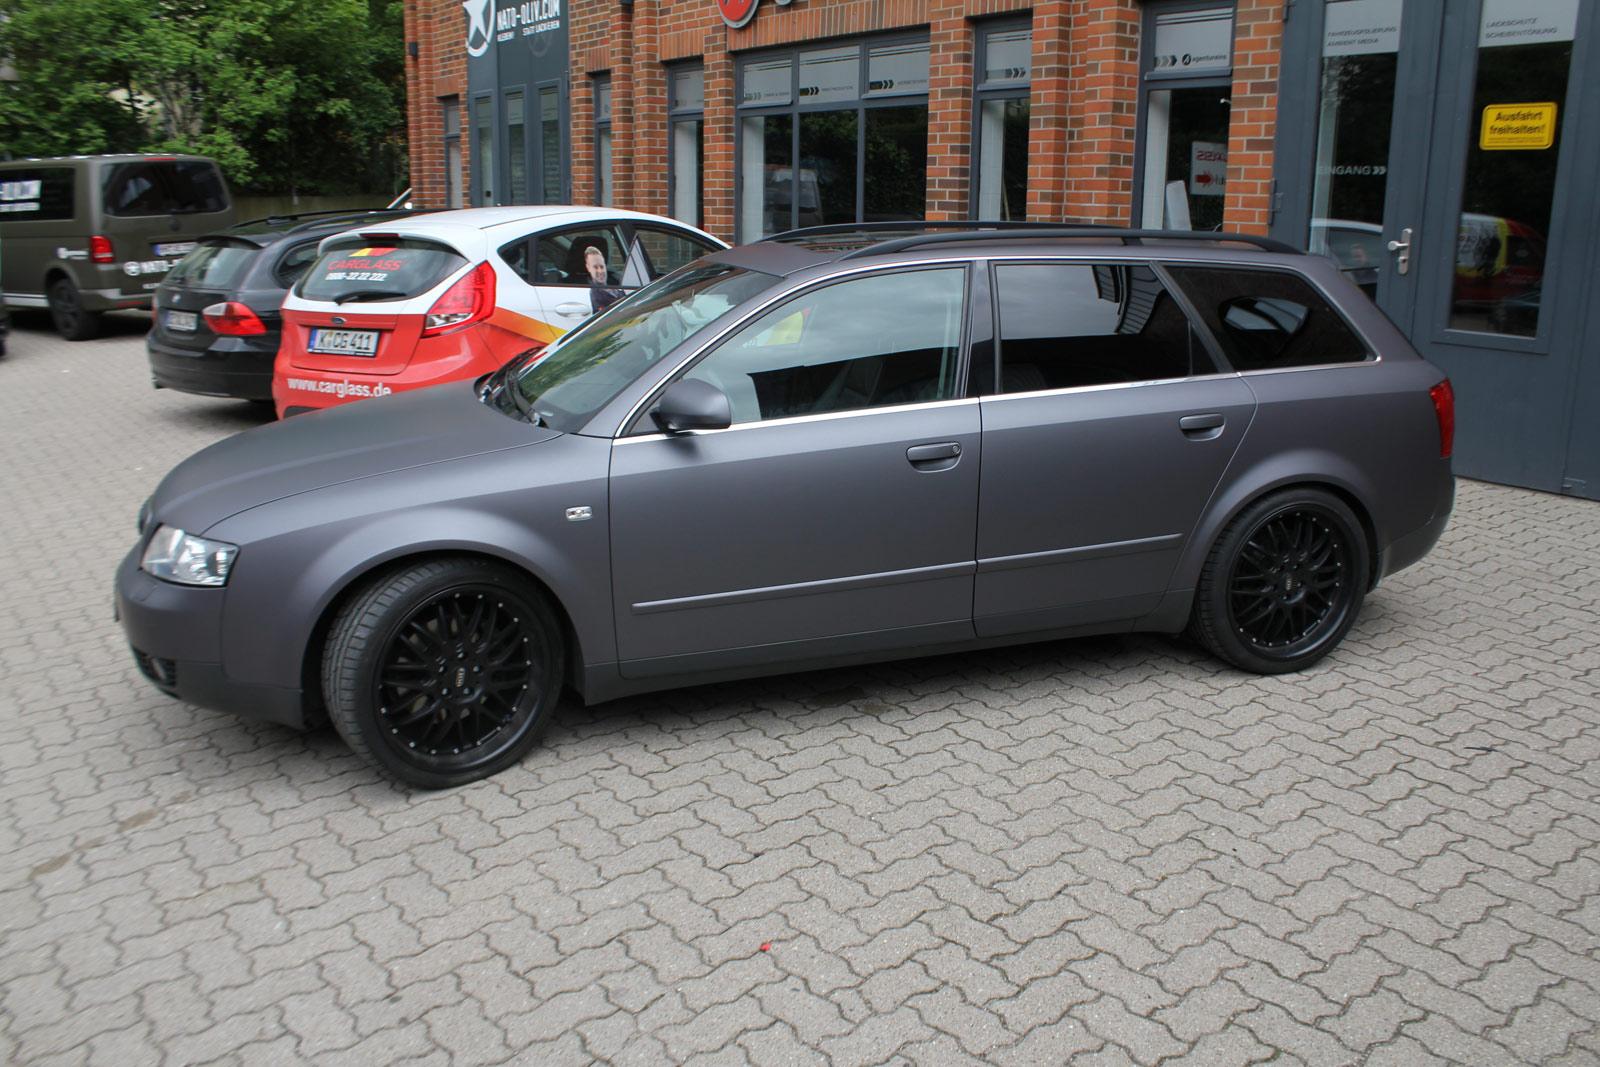 Audi A4 Avant Folierung in anthrazit matt metallic sowie dunkler Scheibentönung.